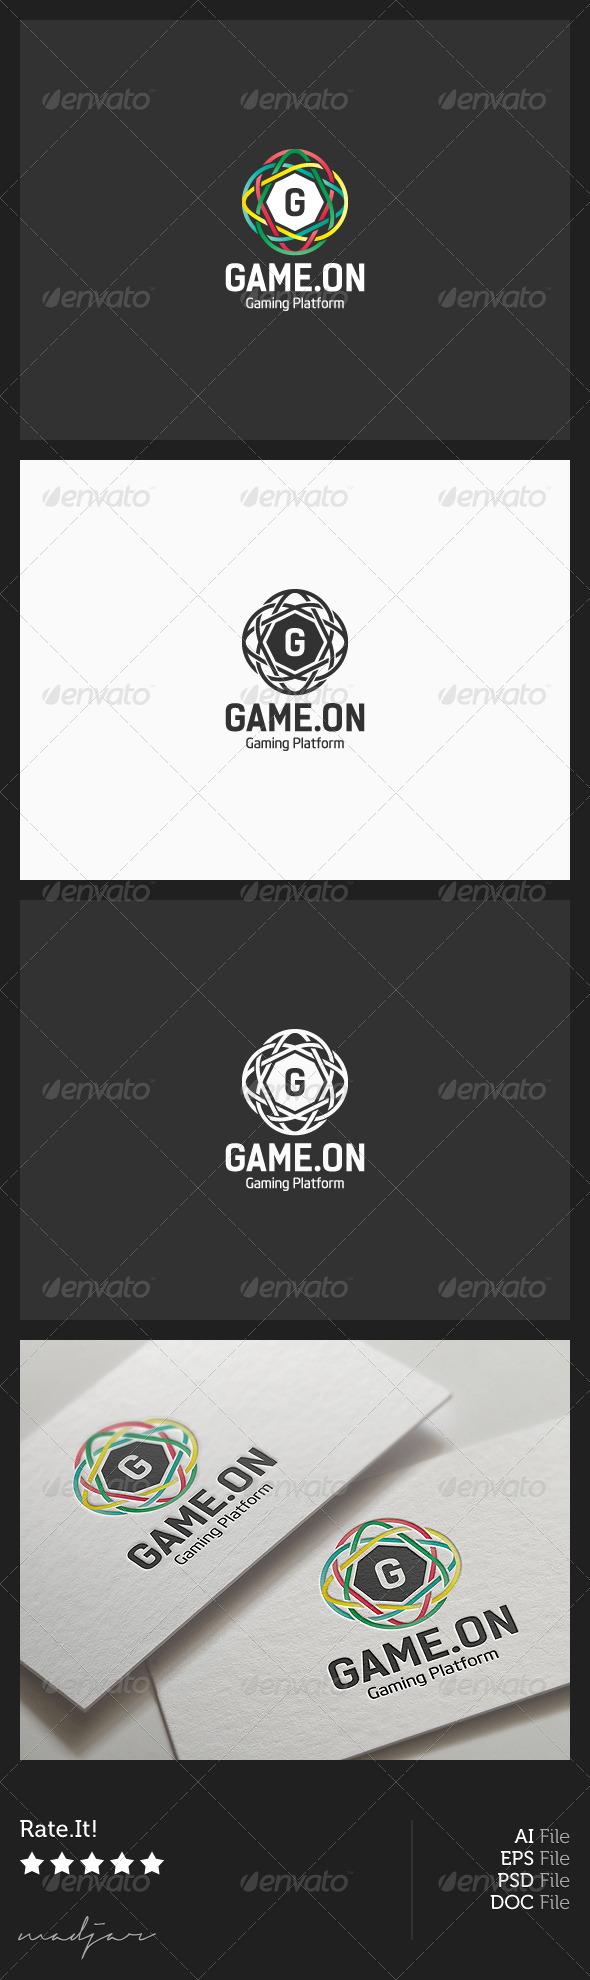 Gaming Logo - Vector Abstract